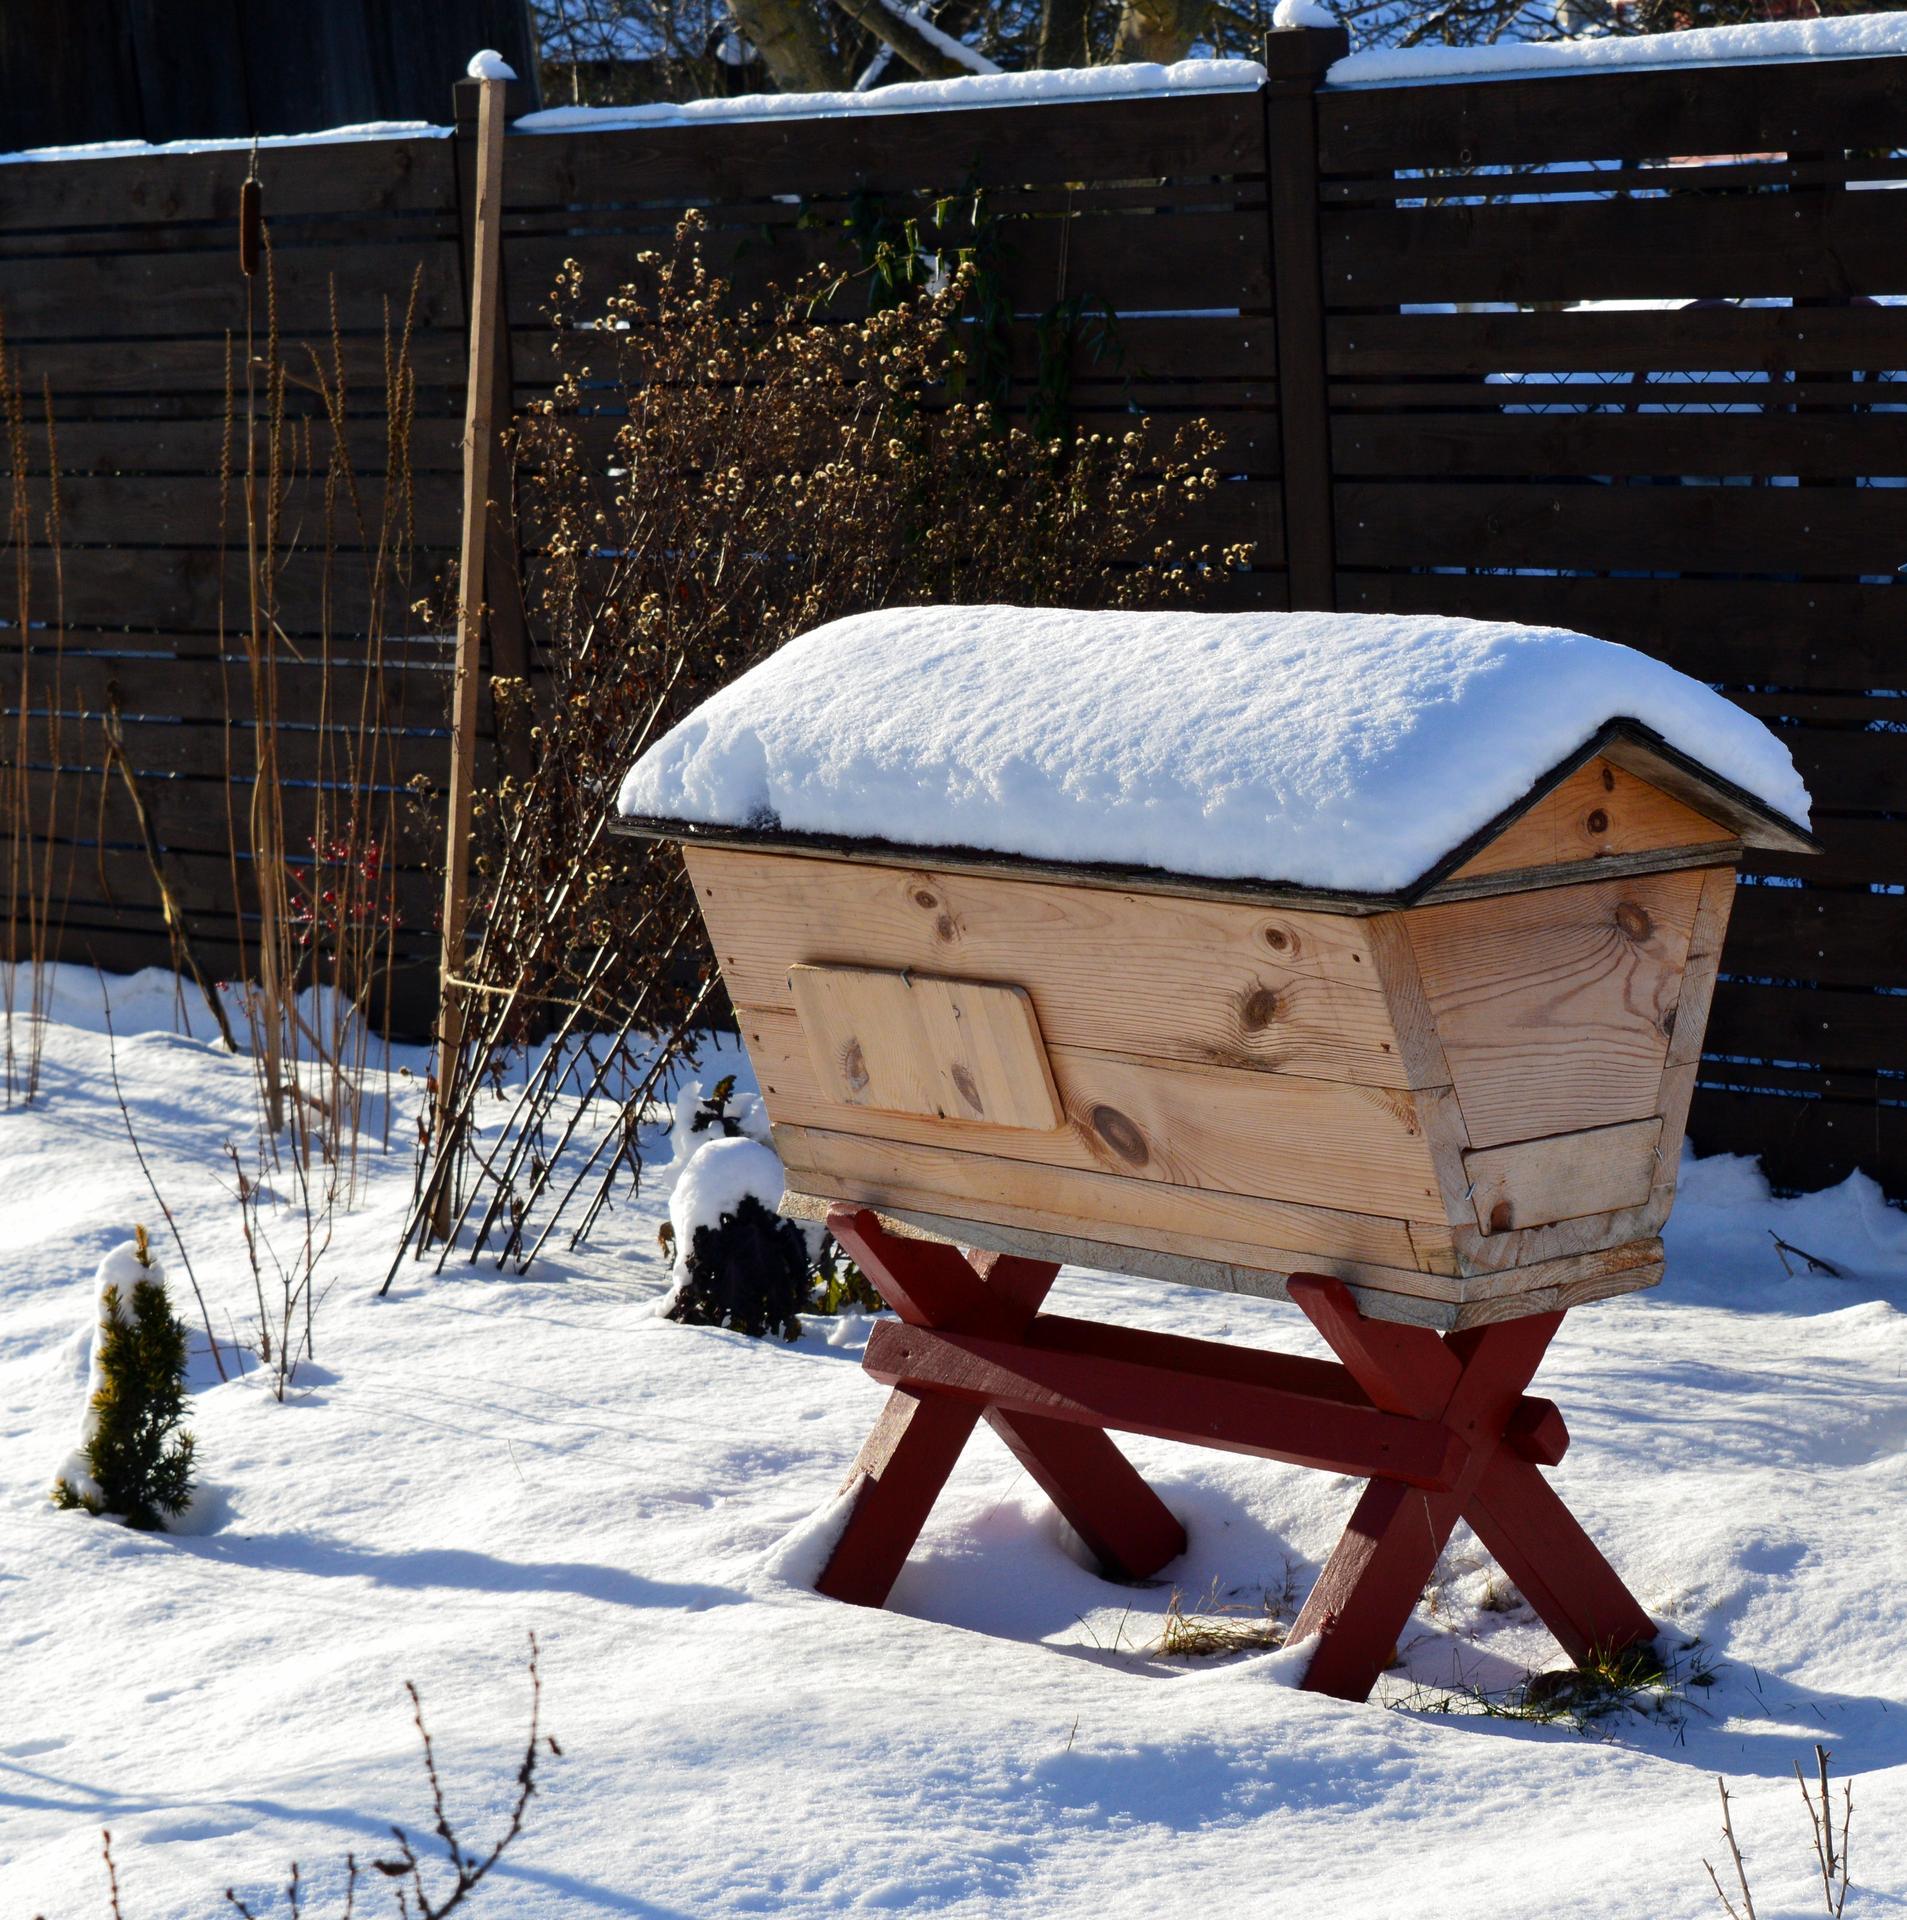 Naša prírodná perma záhradka v roku 2021 - 1/2021 zazimované včeličky v mednej krave